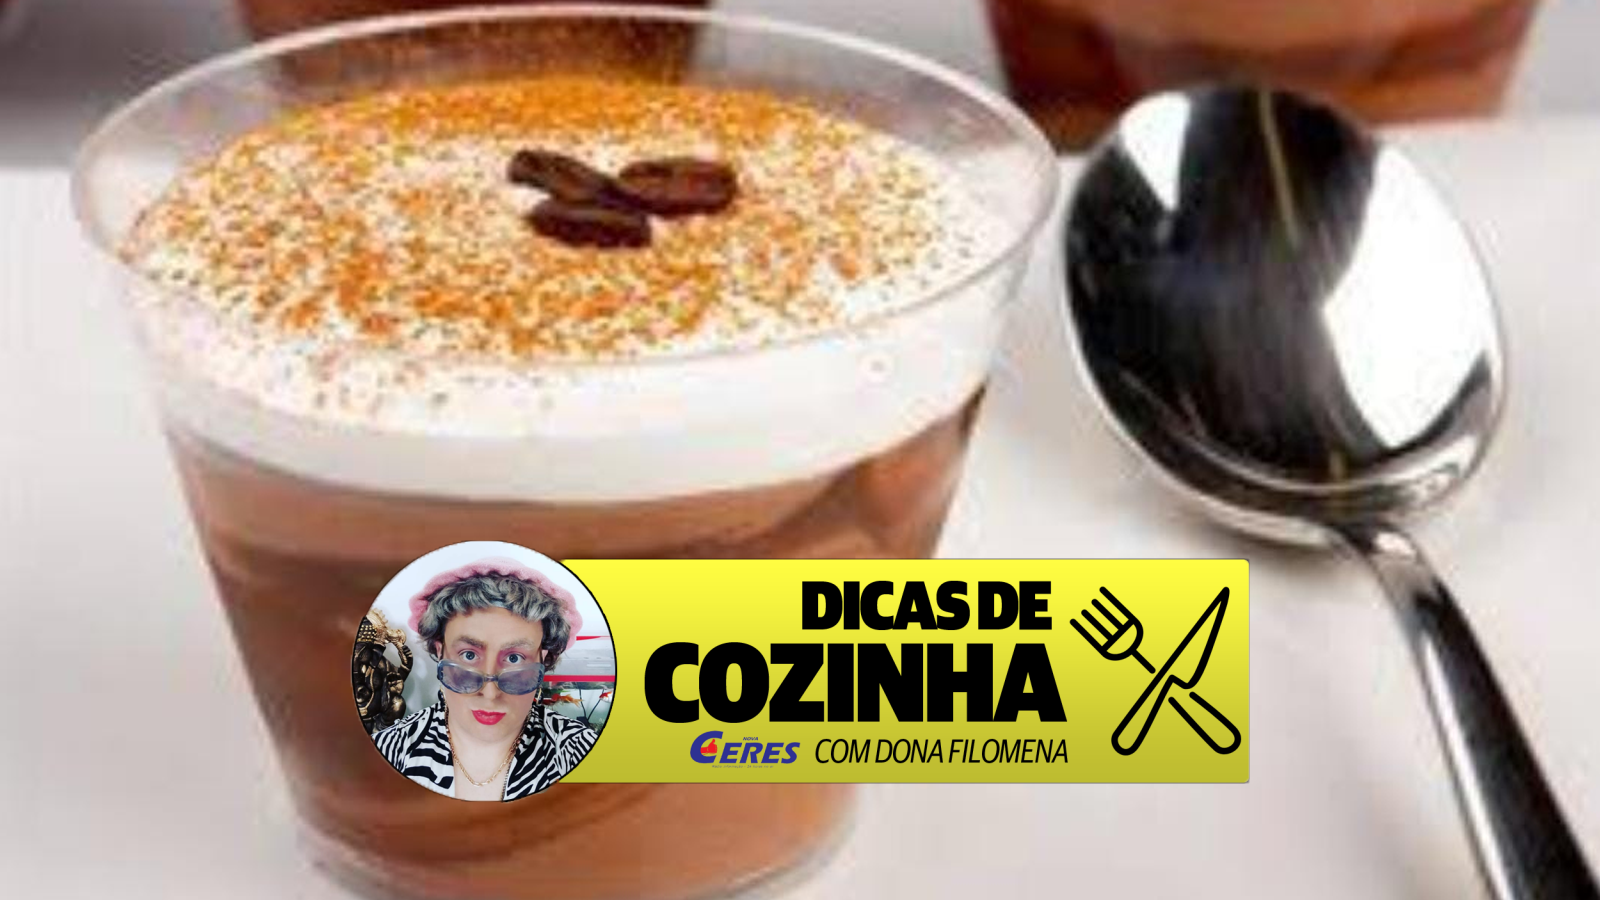 Dicas de Cozinha 28/04: Mousse de cappuccino – Sobremesa de Inverno